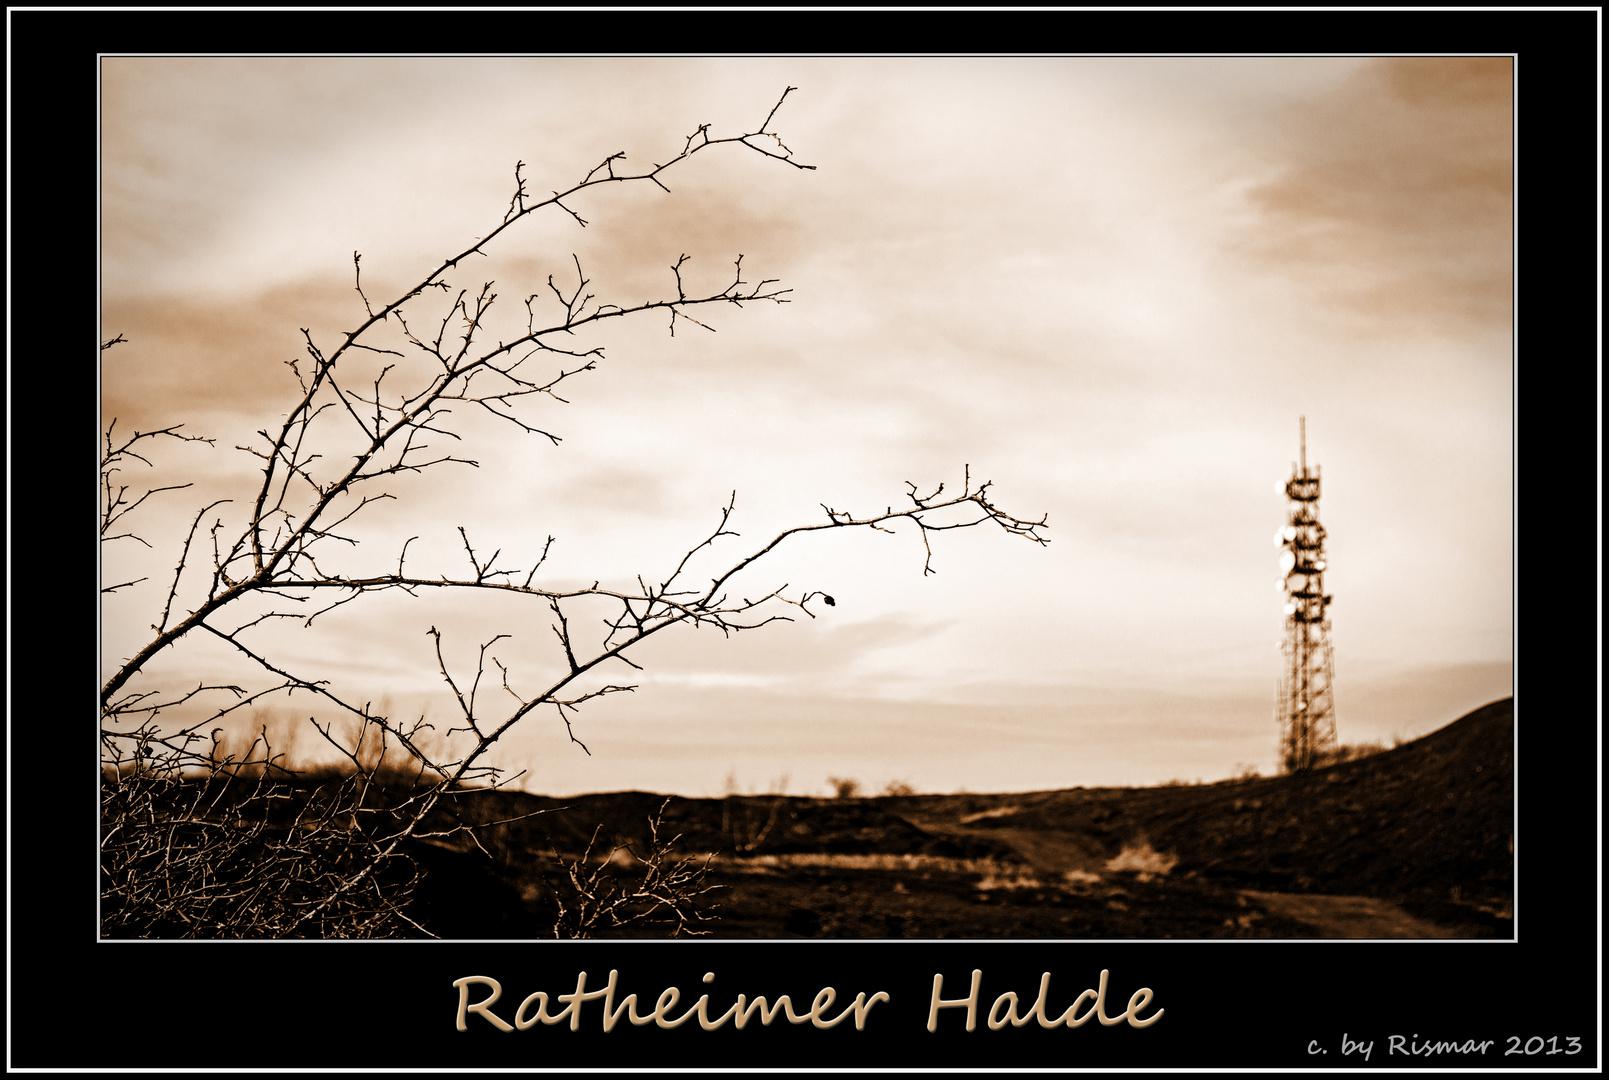 Ratheimer Halde